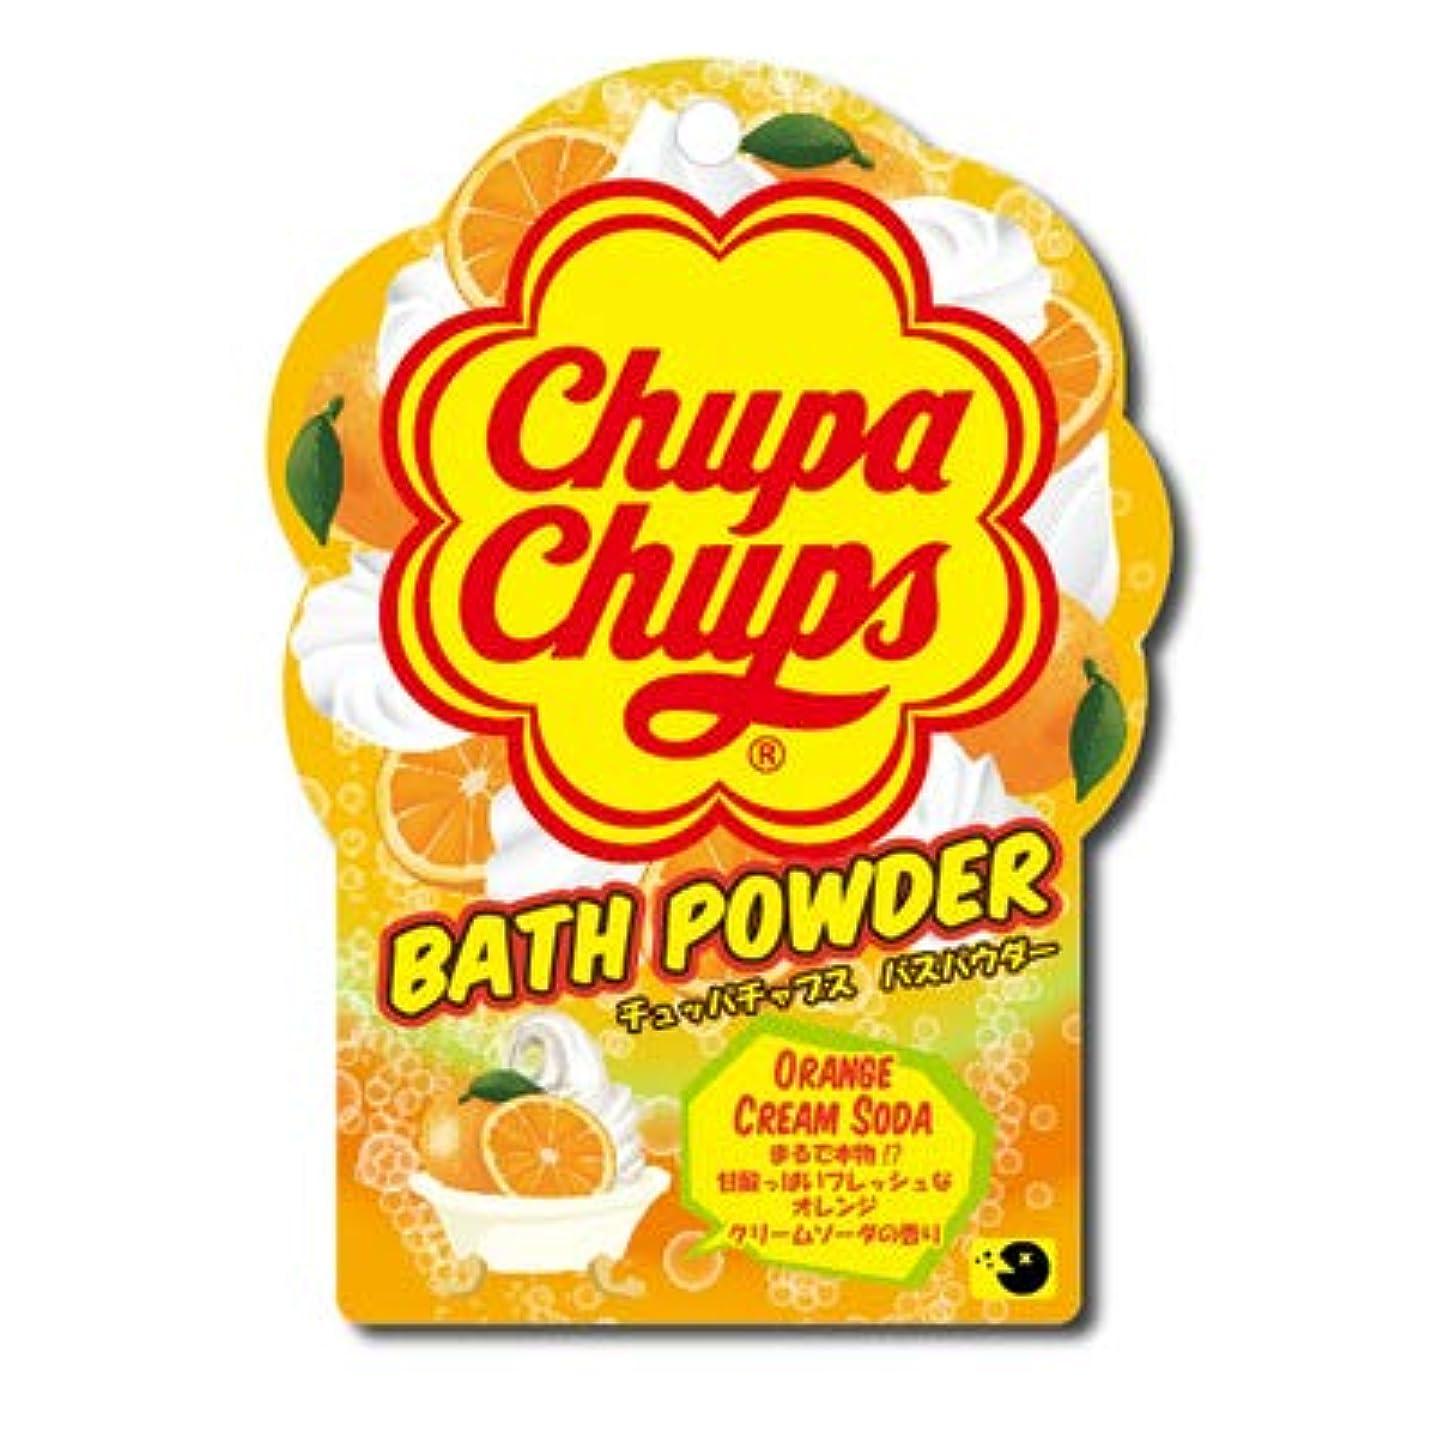 カスケード無声で生きている【まとめ買い6個セット】 チュッパチャプスバスパウダー オレンジクリームソーダ